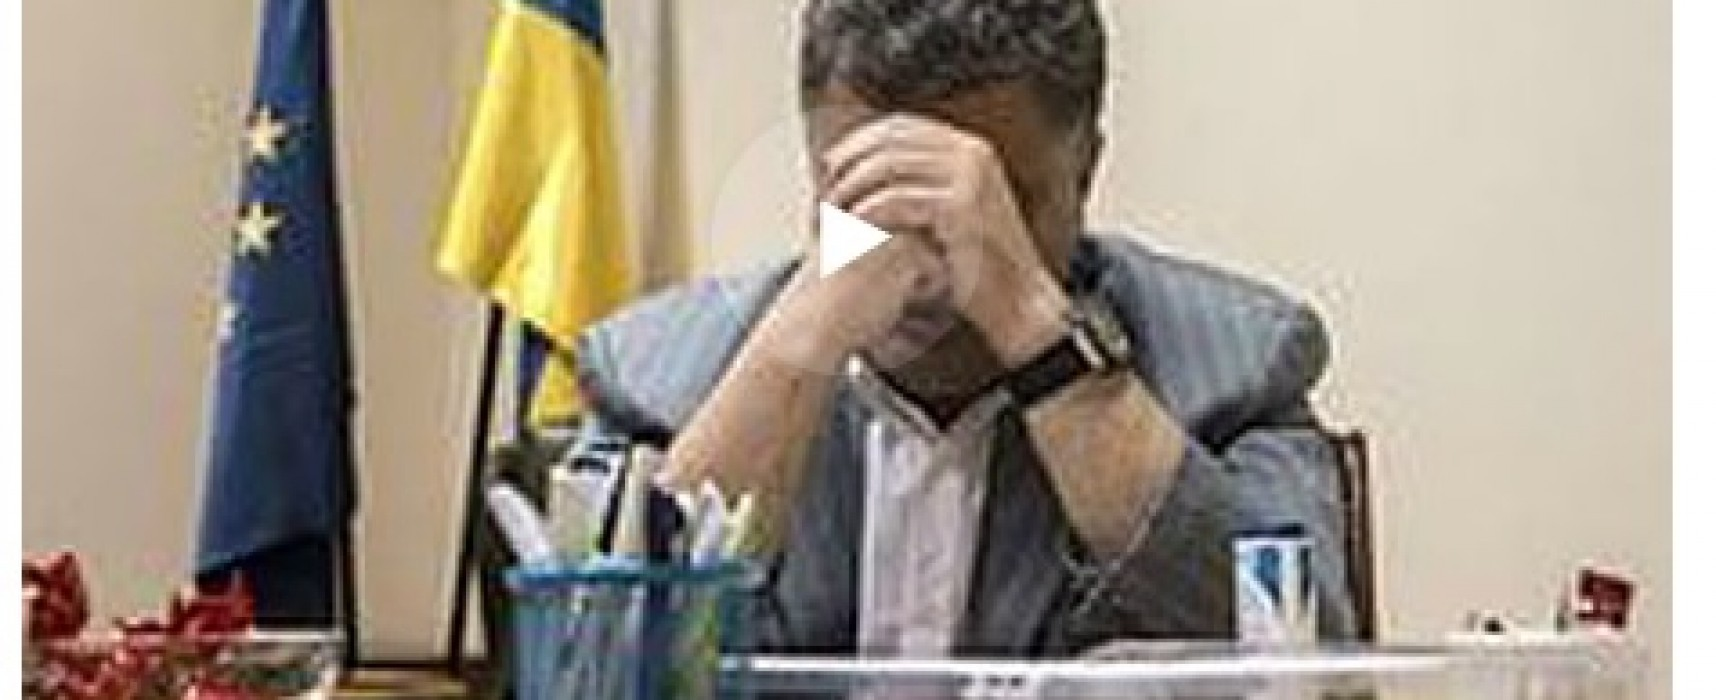 Falso: Petro Poroshenko por una semana padecía dipsomanía